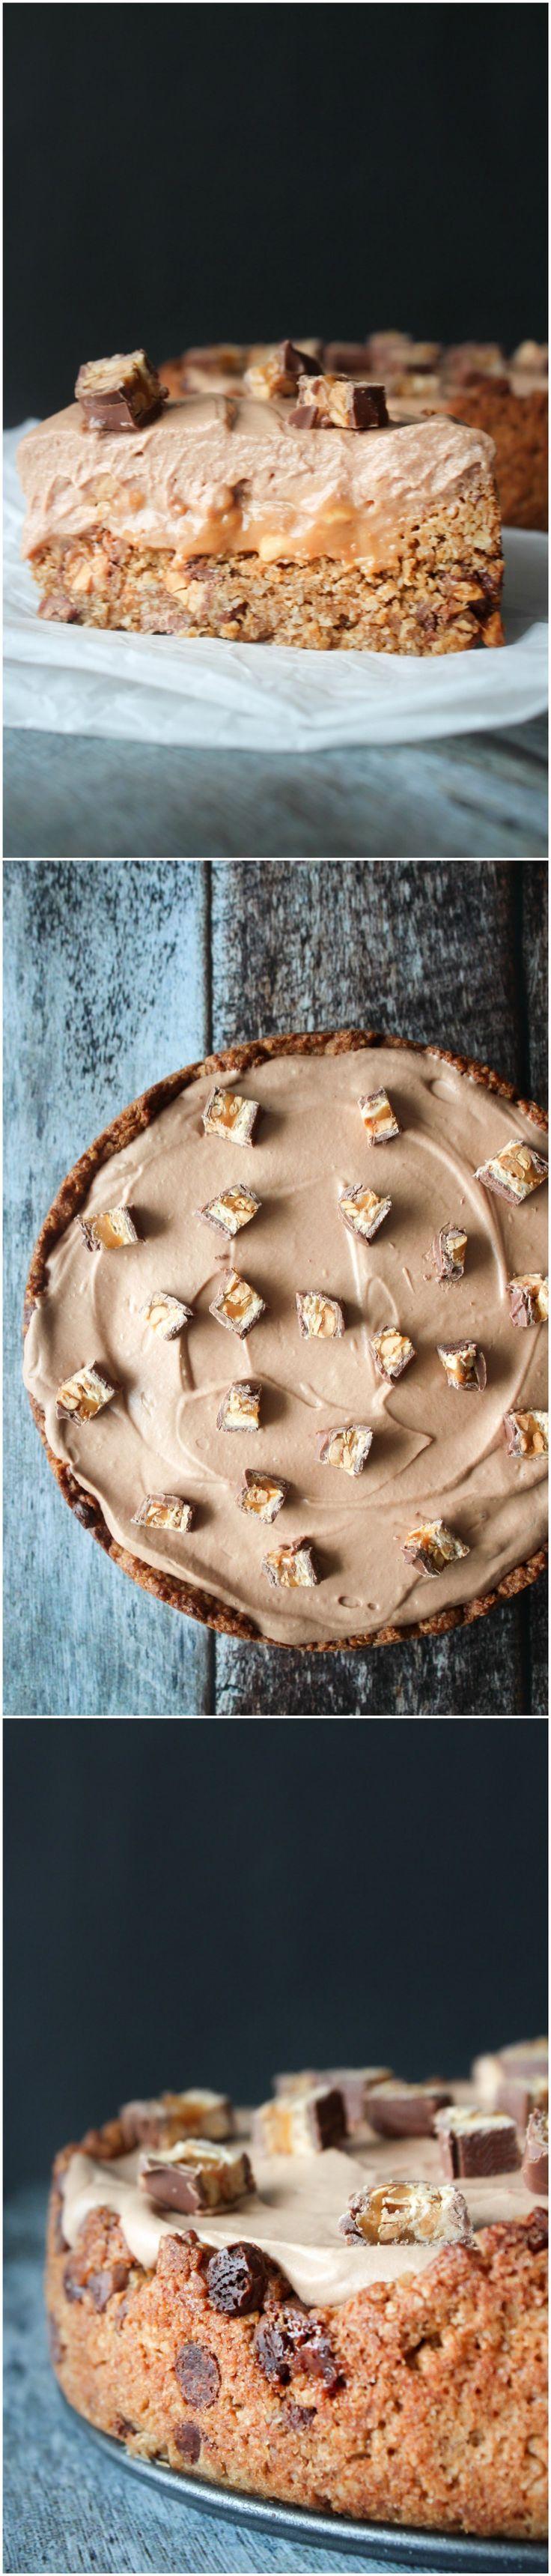 Snickers Pie - Snickers Cake - Peanut Cake - Chocolate Pie - Caramel Pie - Dessert -Homemade Dessert